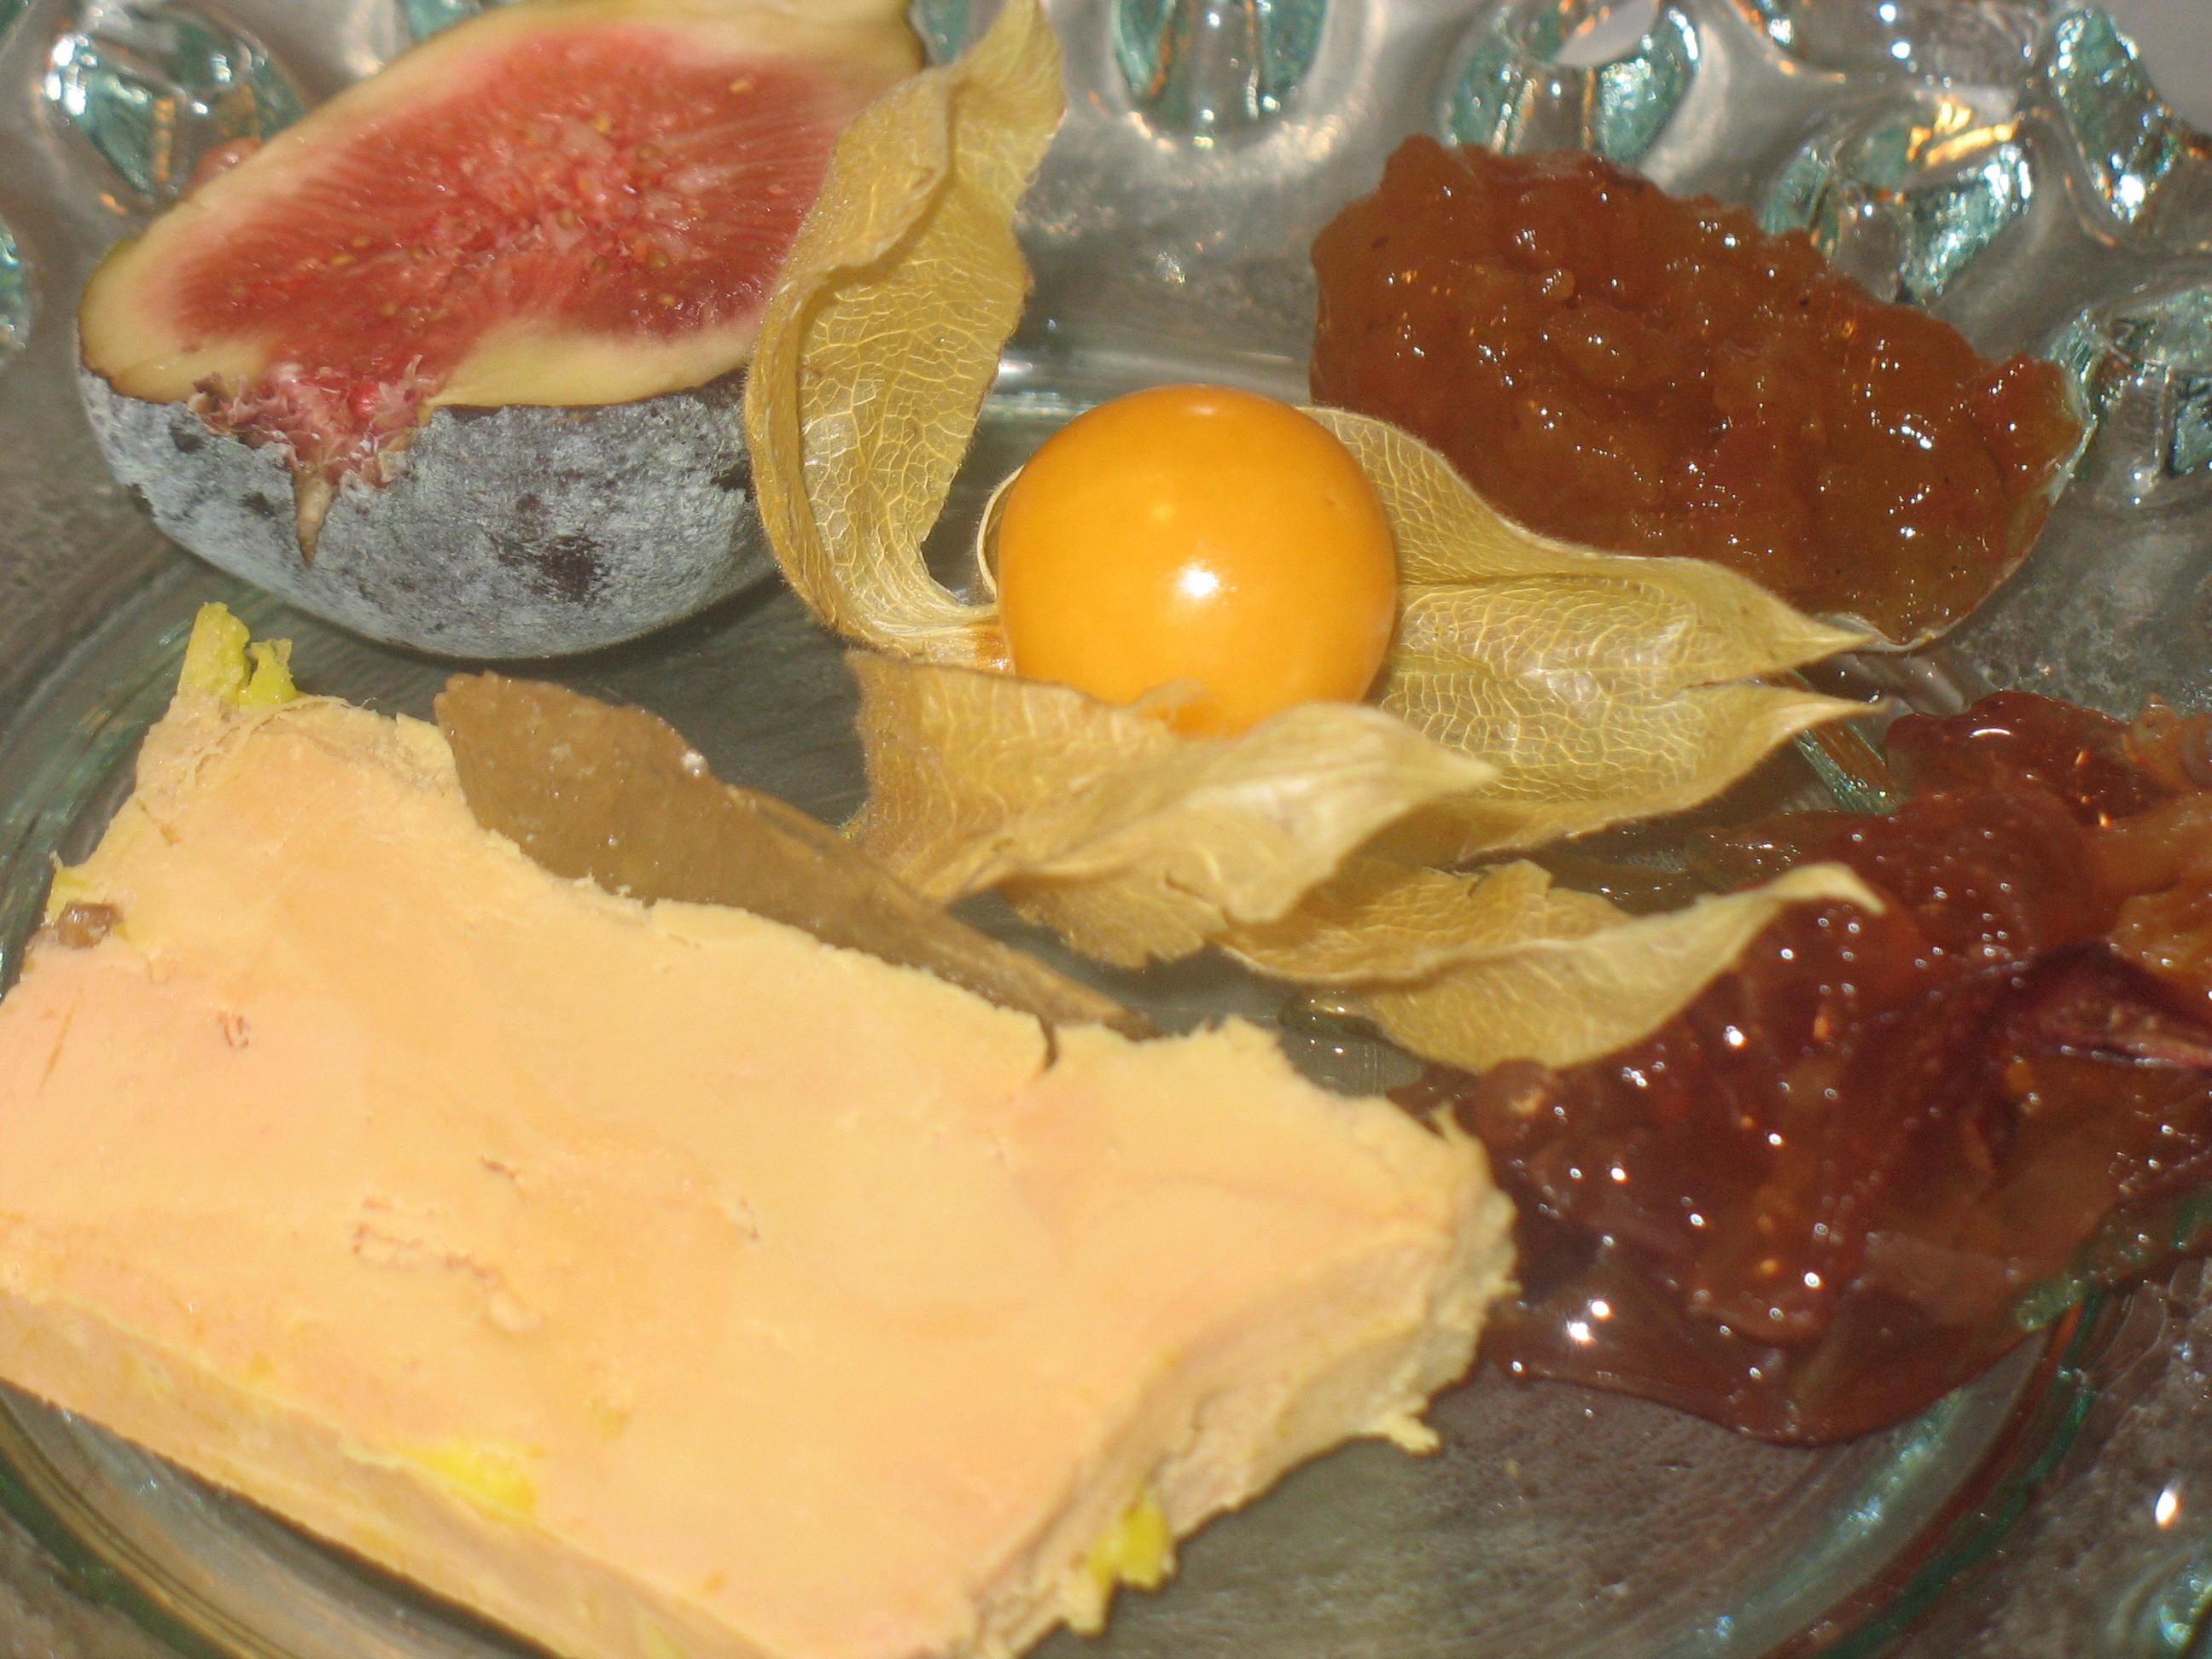 ordinary recette de foie gras maison 9. Black Bedroom Furniture Sets. Home Design Ideas